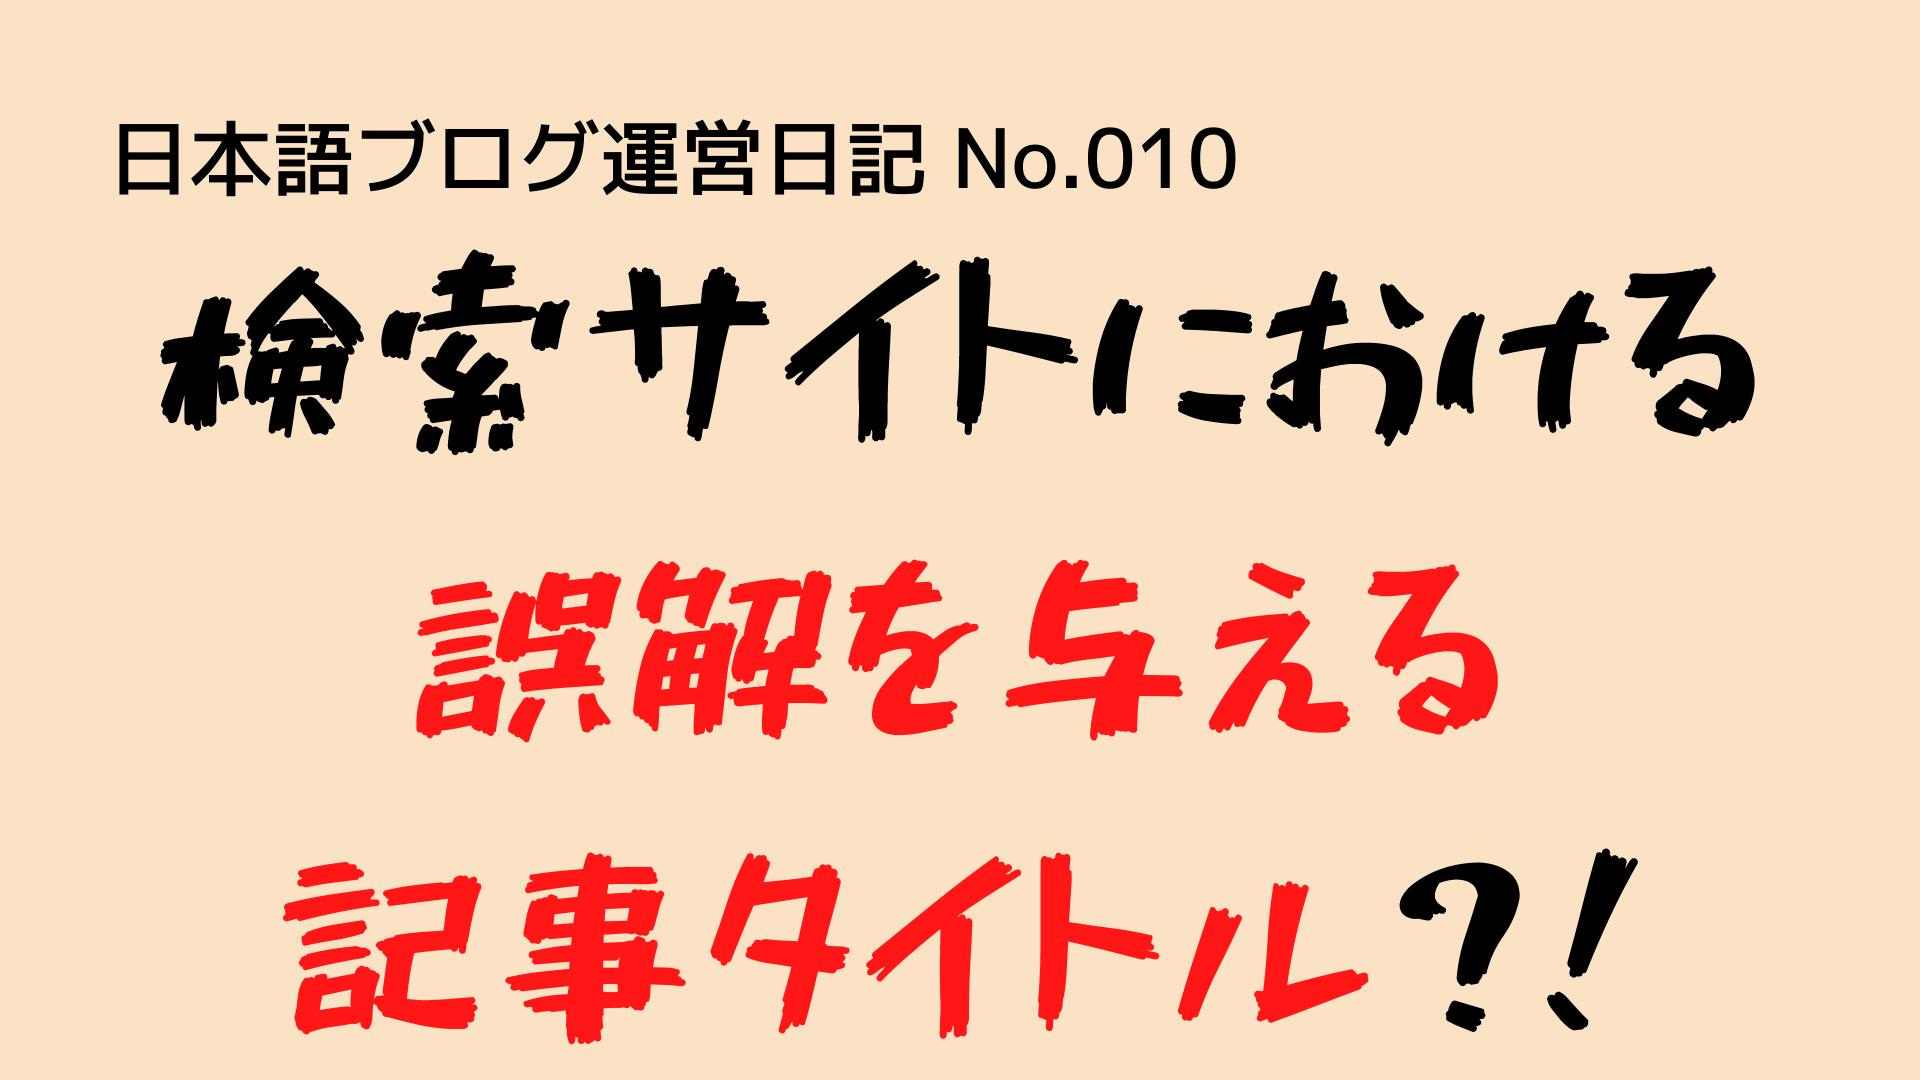 (日本語ブログ運営日記-No.010)ブログ記事のタイトルが、Googleの検索結果において、誤解を与えるタイトルに変わっていた話